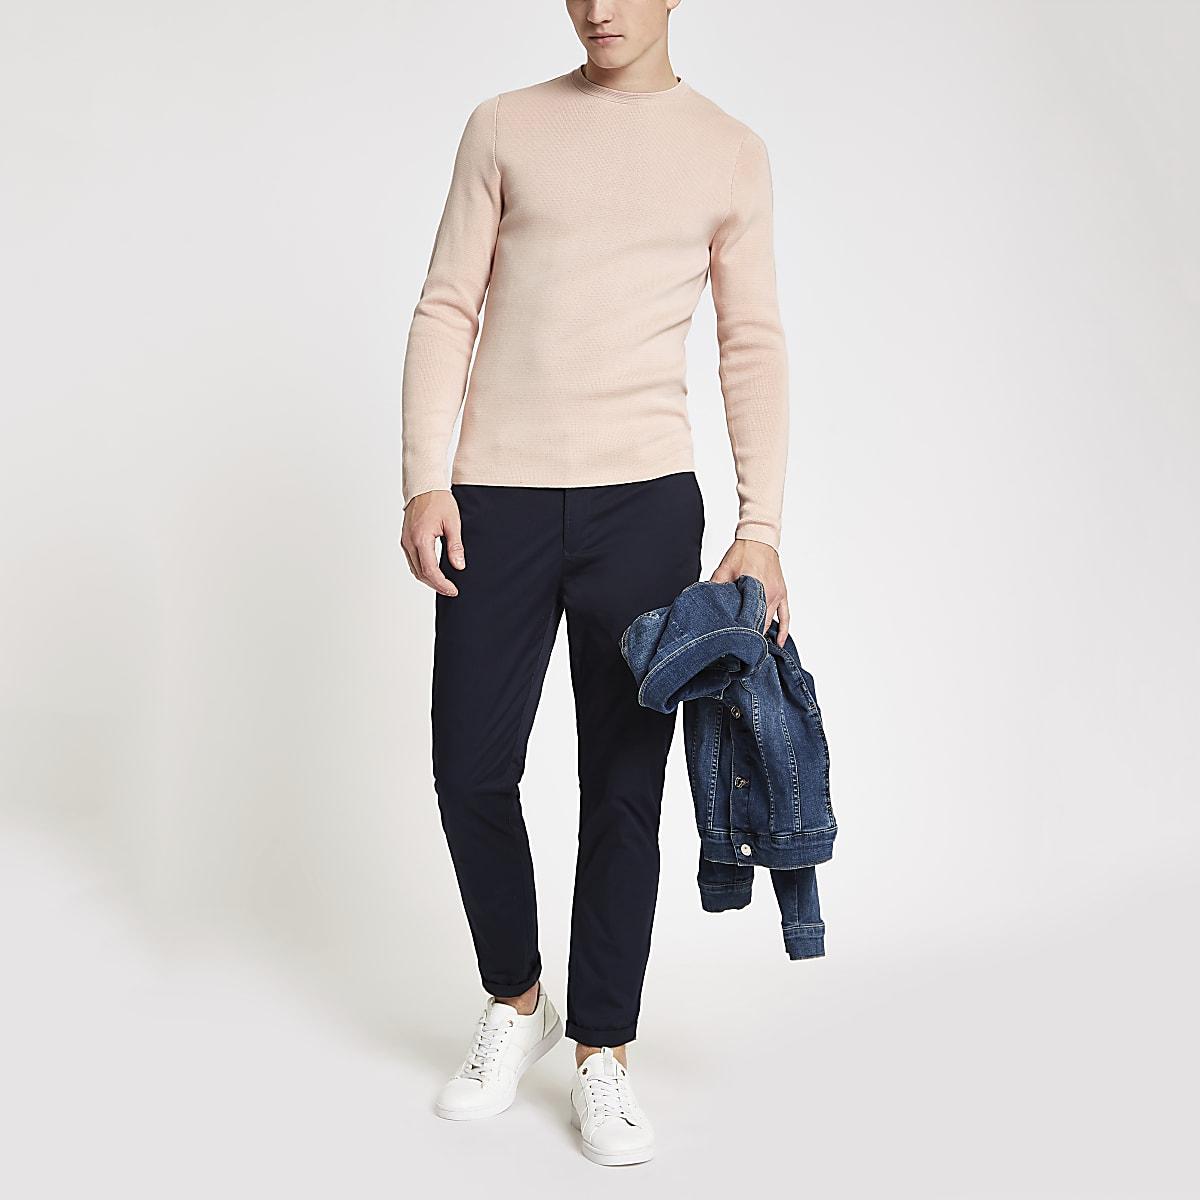 Jack & Jones Premium pink crew neck top